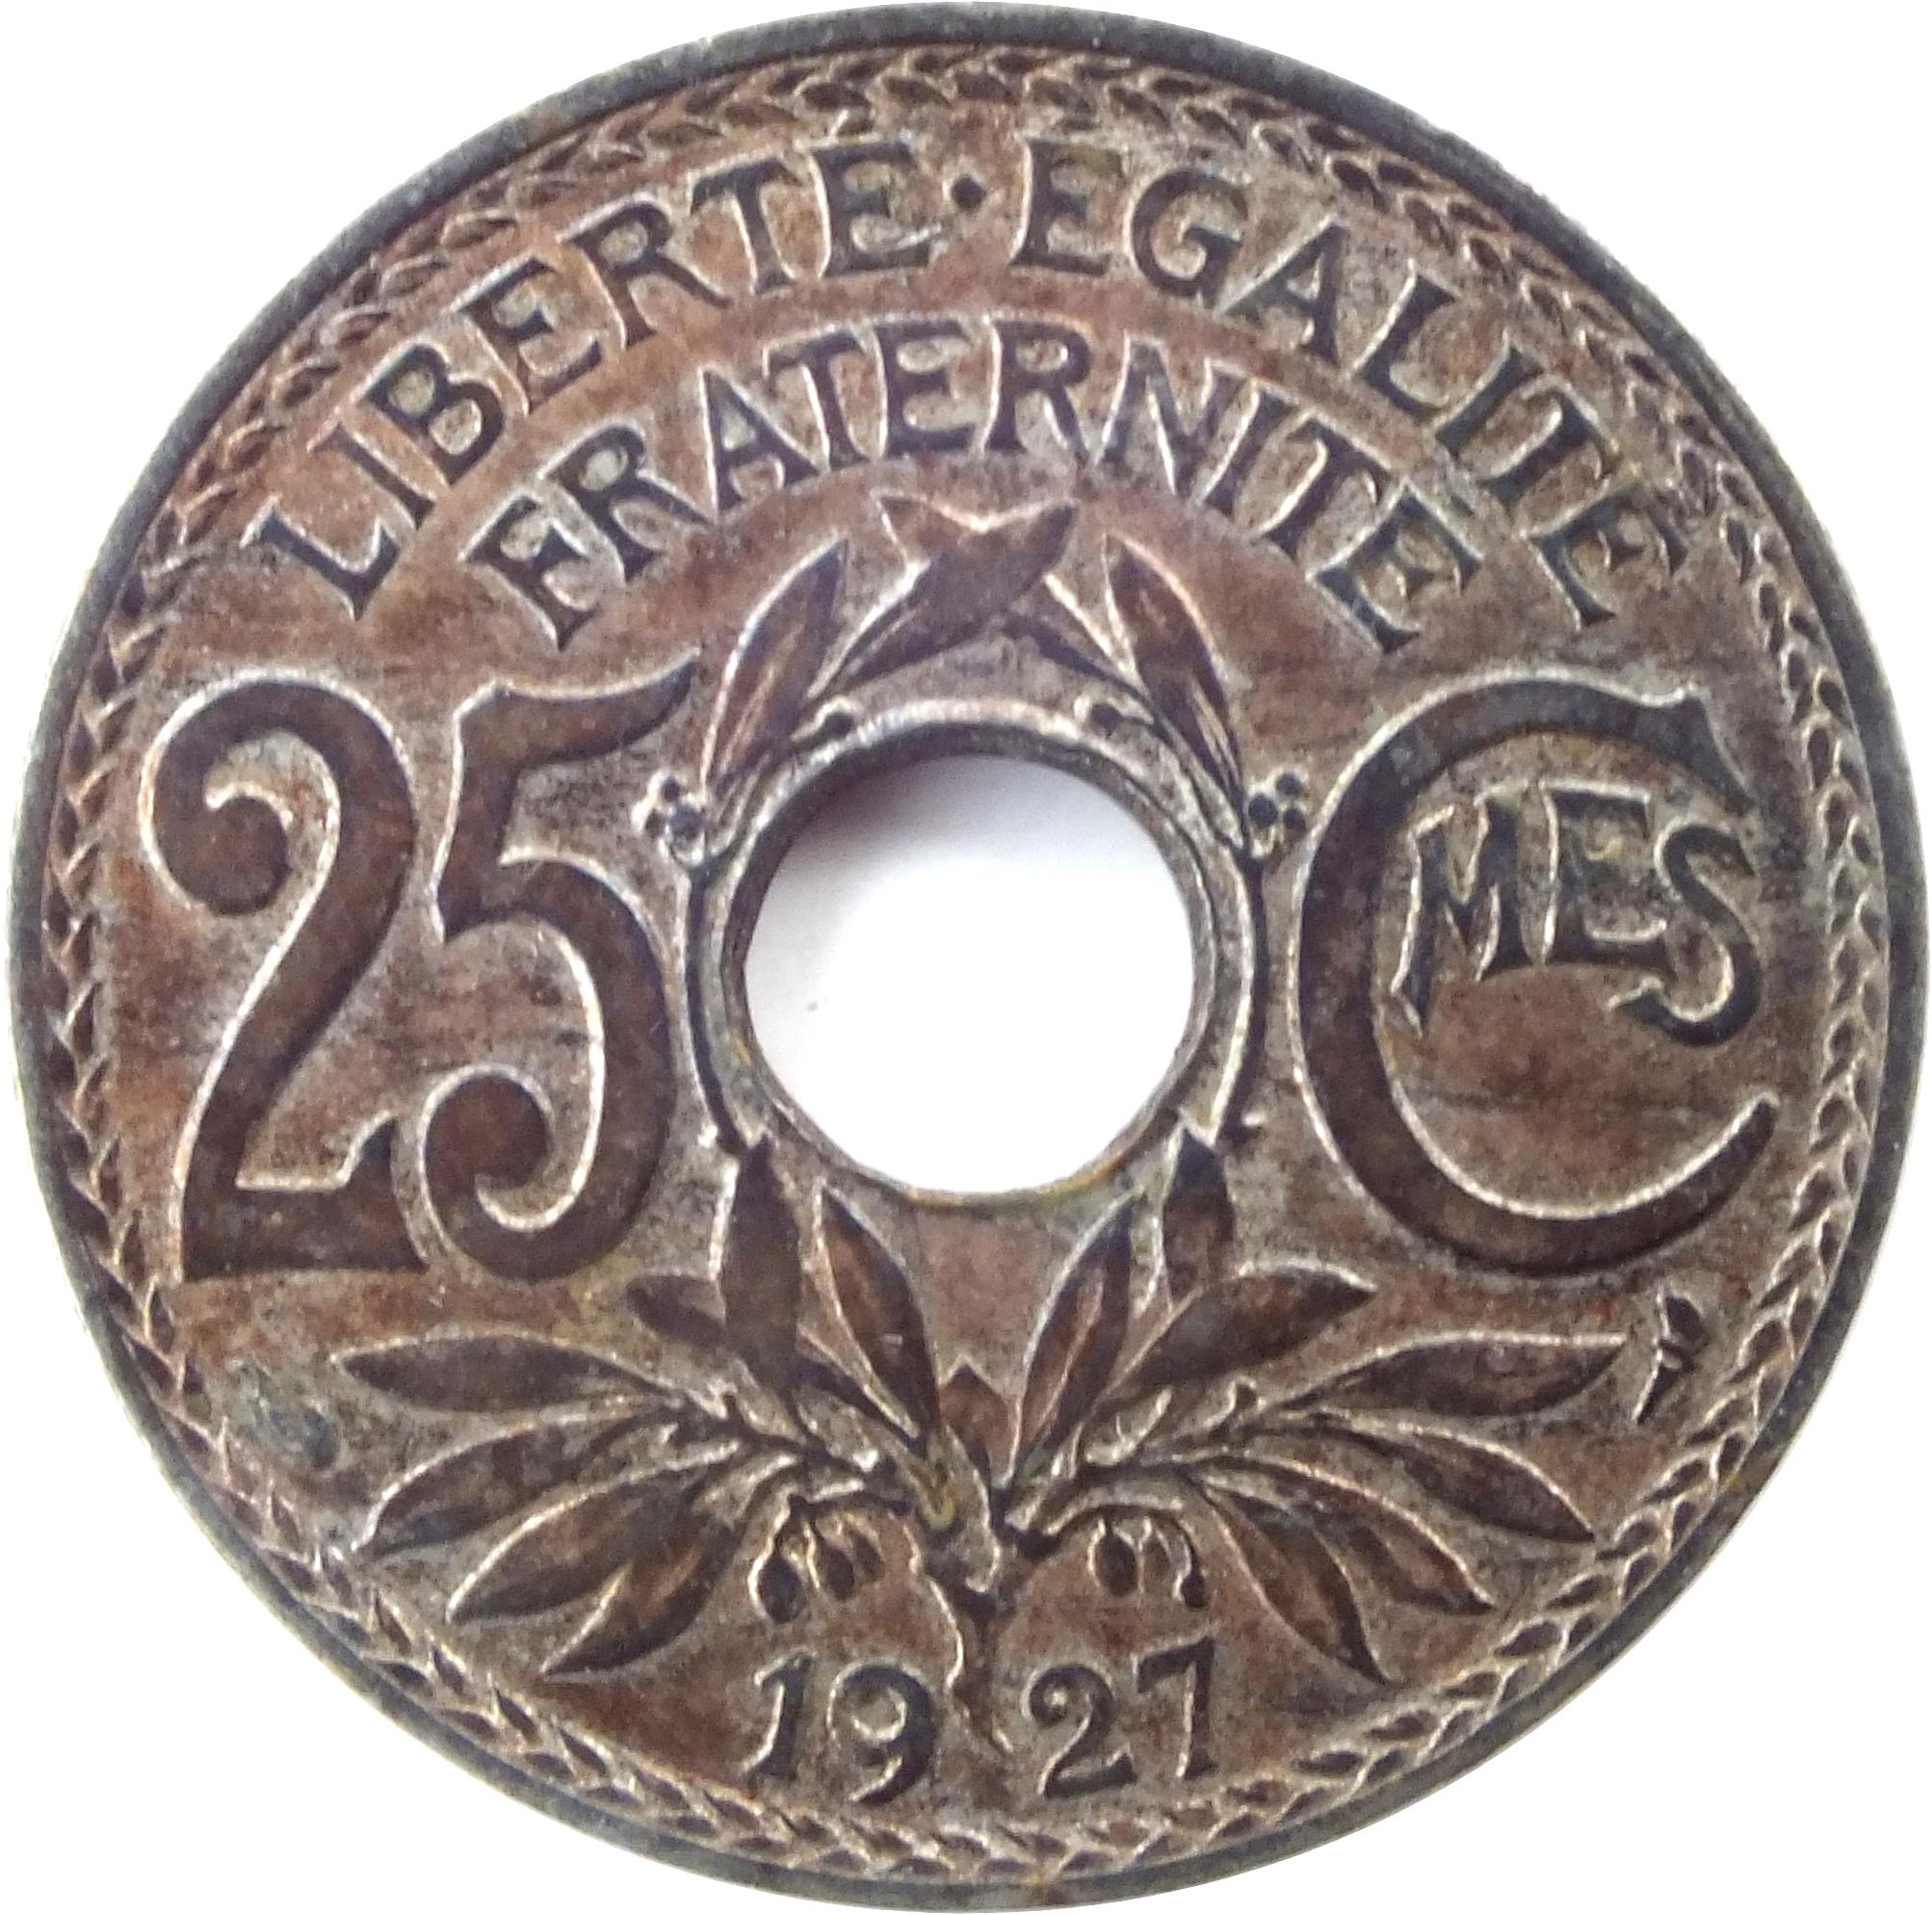 25 centimes  1917-1937  france km  867a